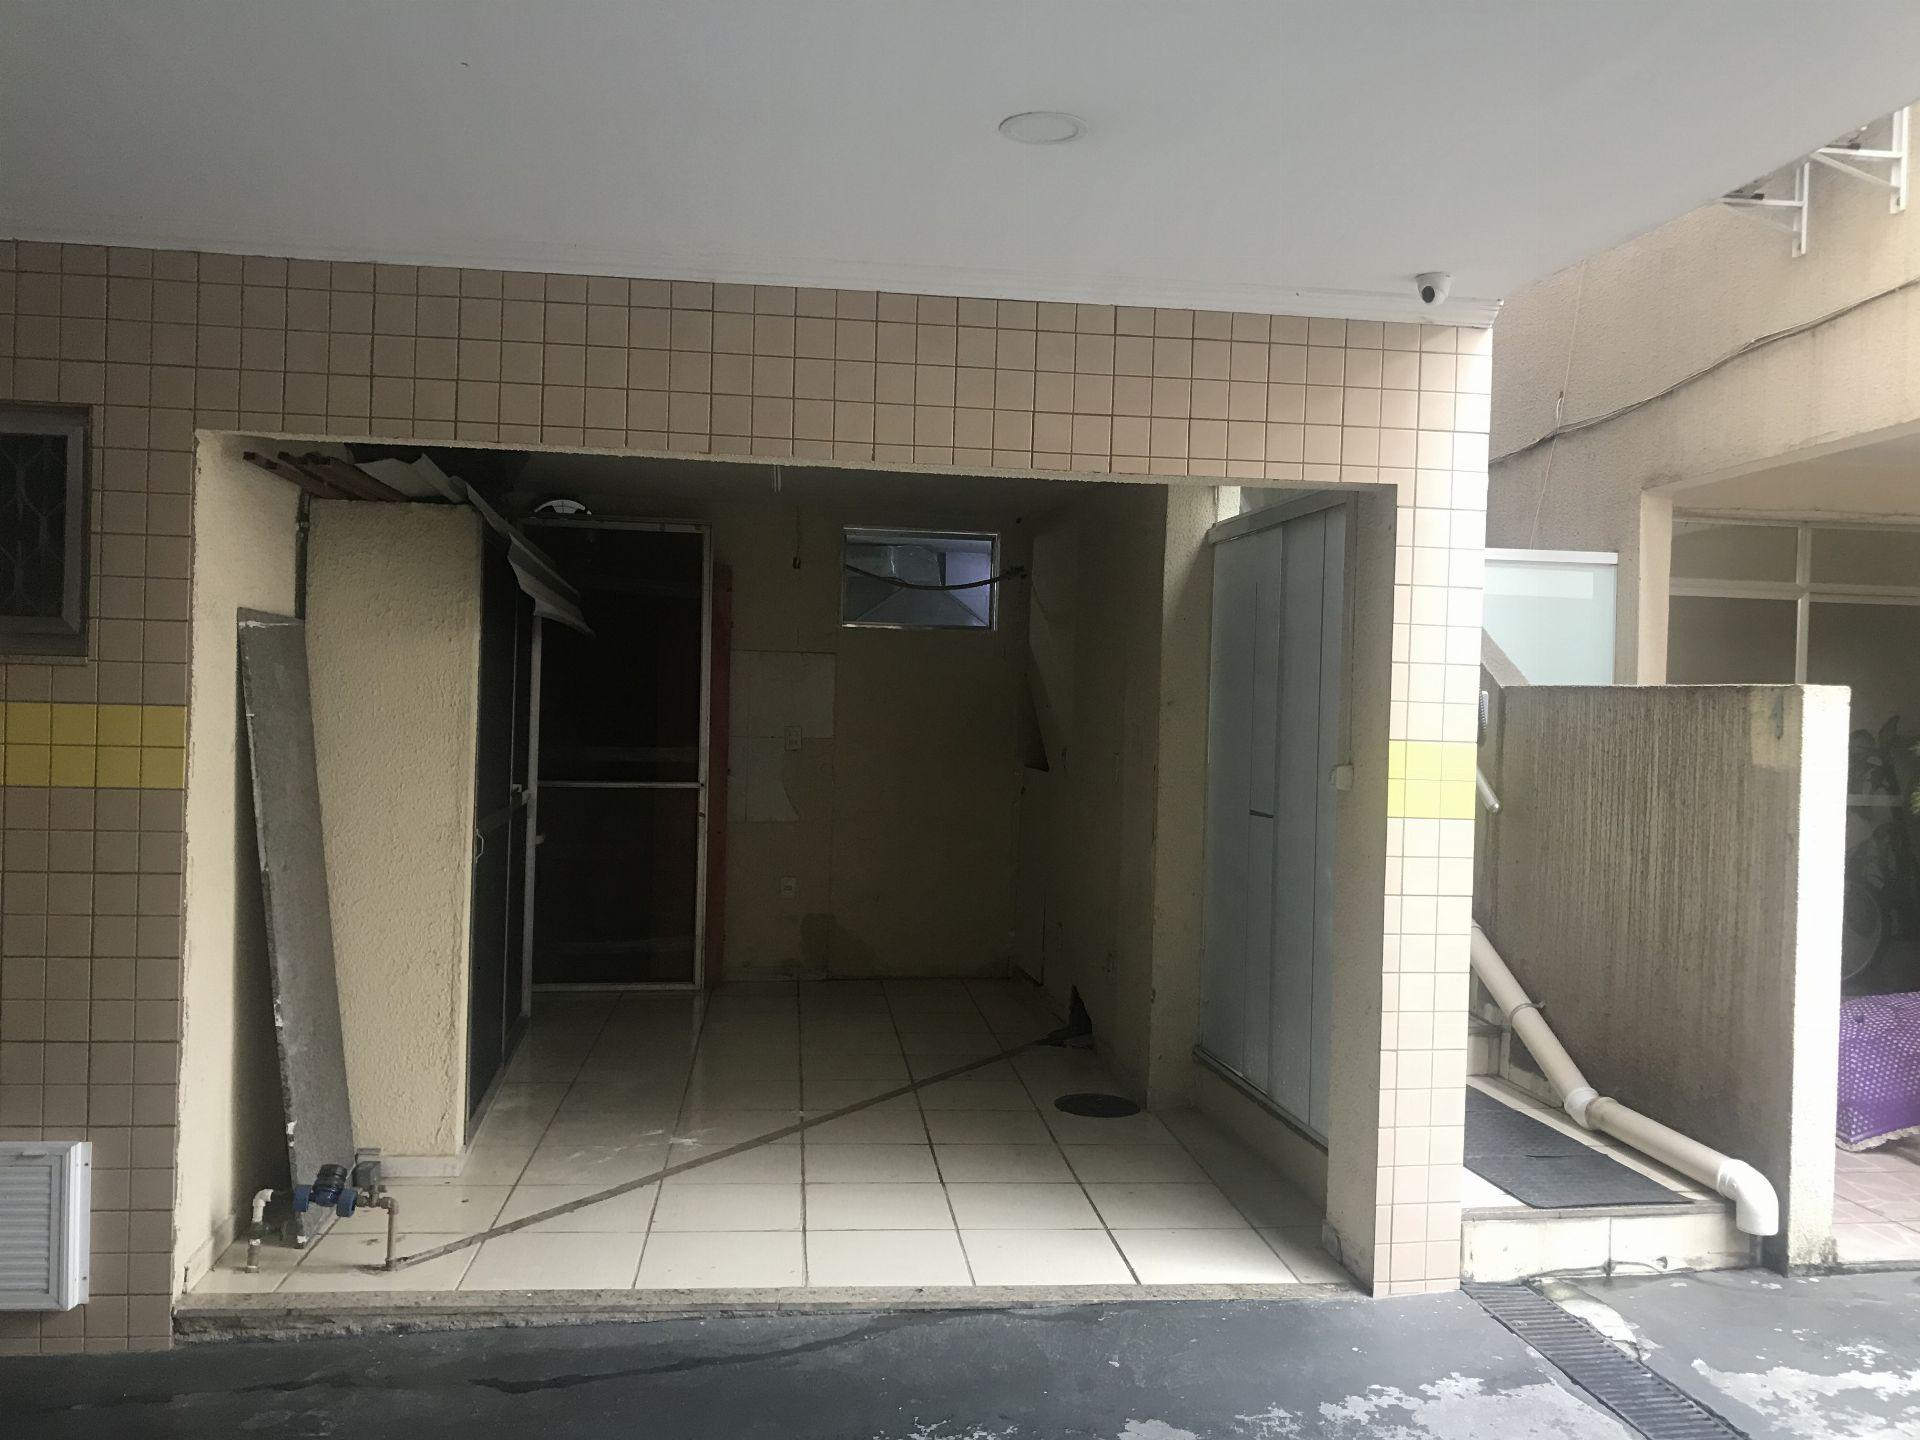 FOTO 19 - Casa em Condomínio à venda Rua Upiara,Bento Ribeiro, Rio de Janeiro - R$ 650.000 - RF215 - 20